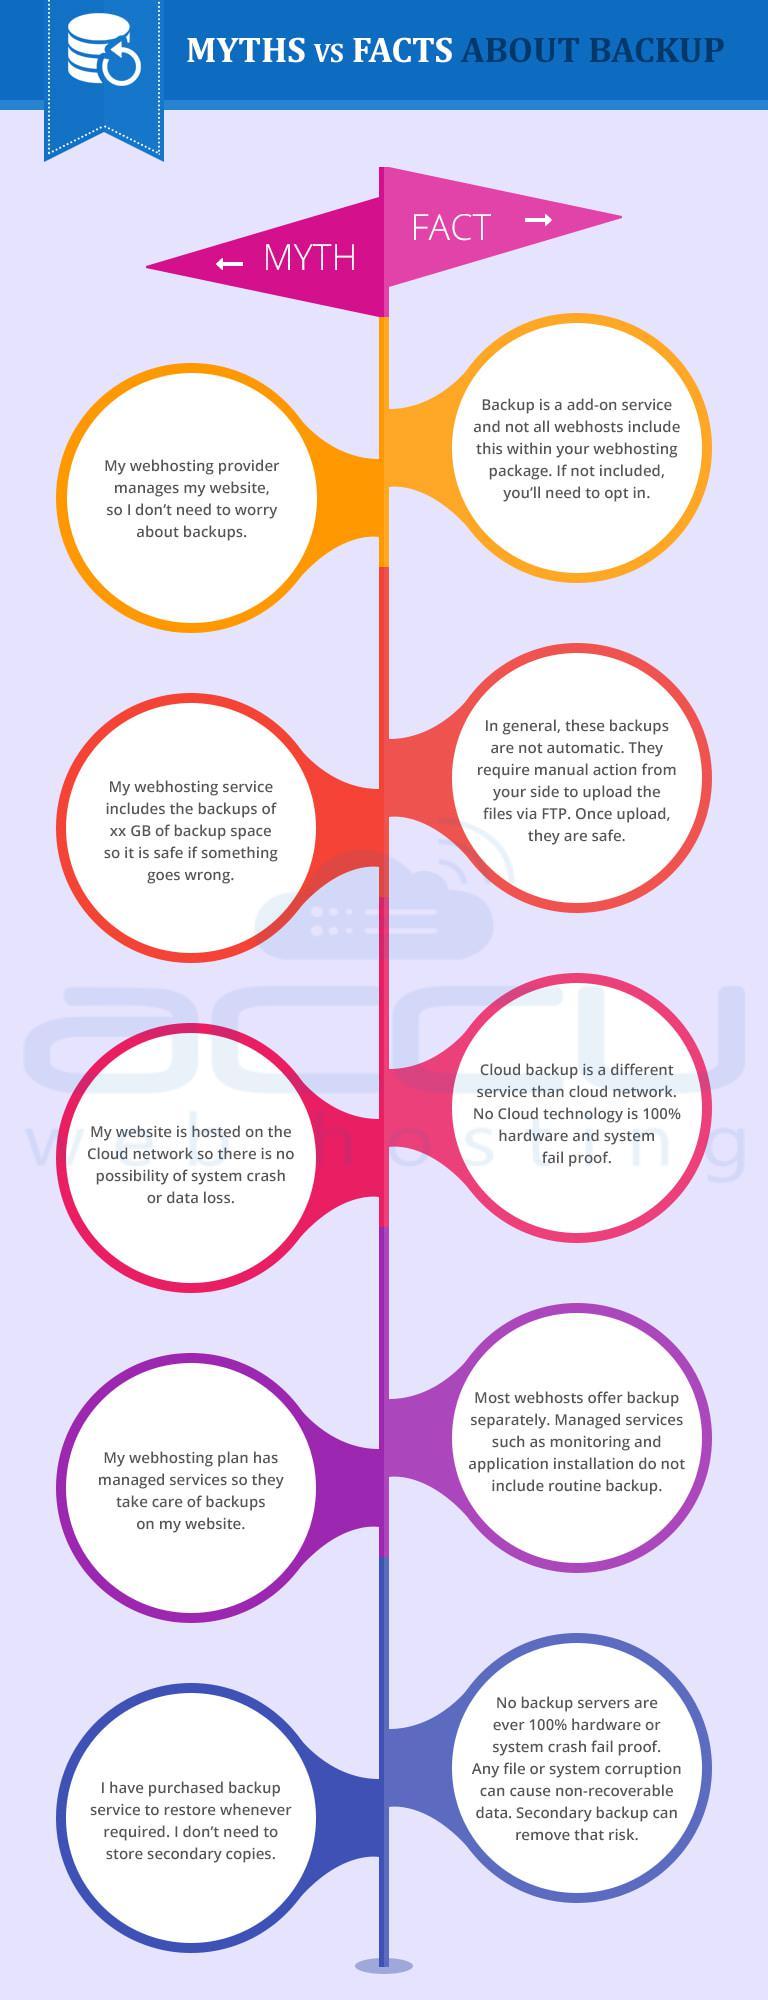 Myths Vs Facts About Backup